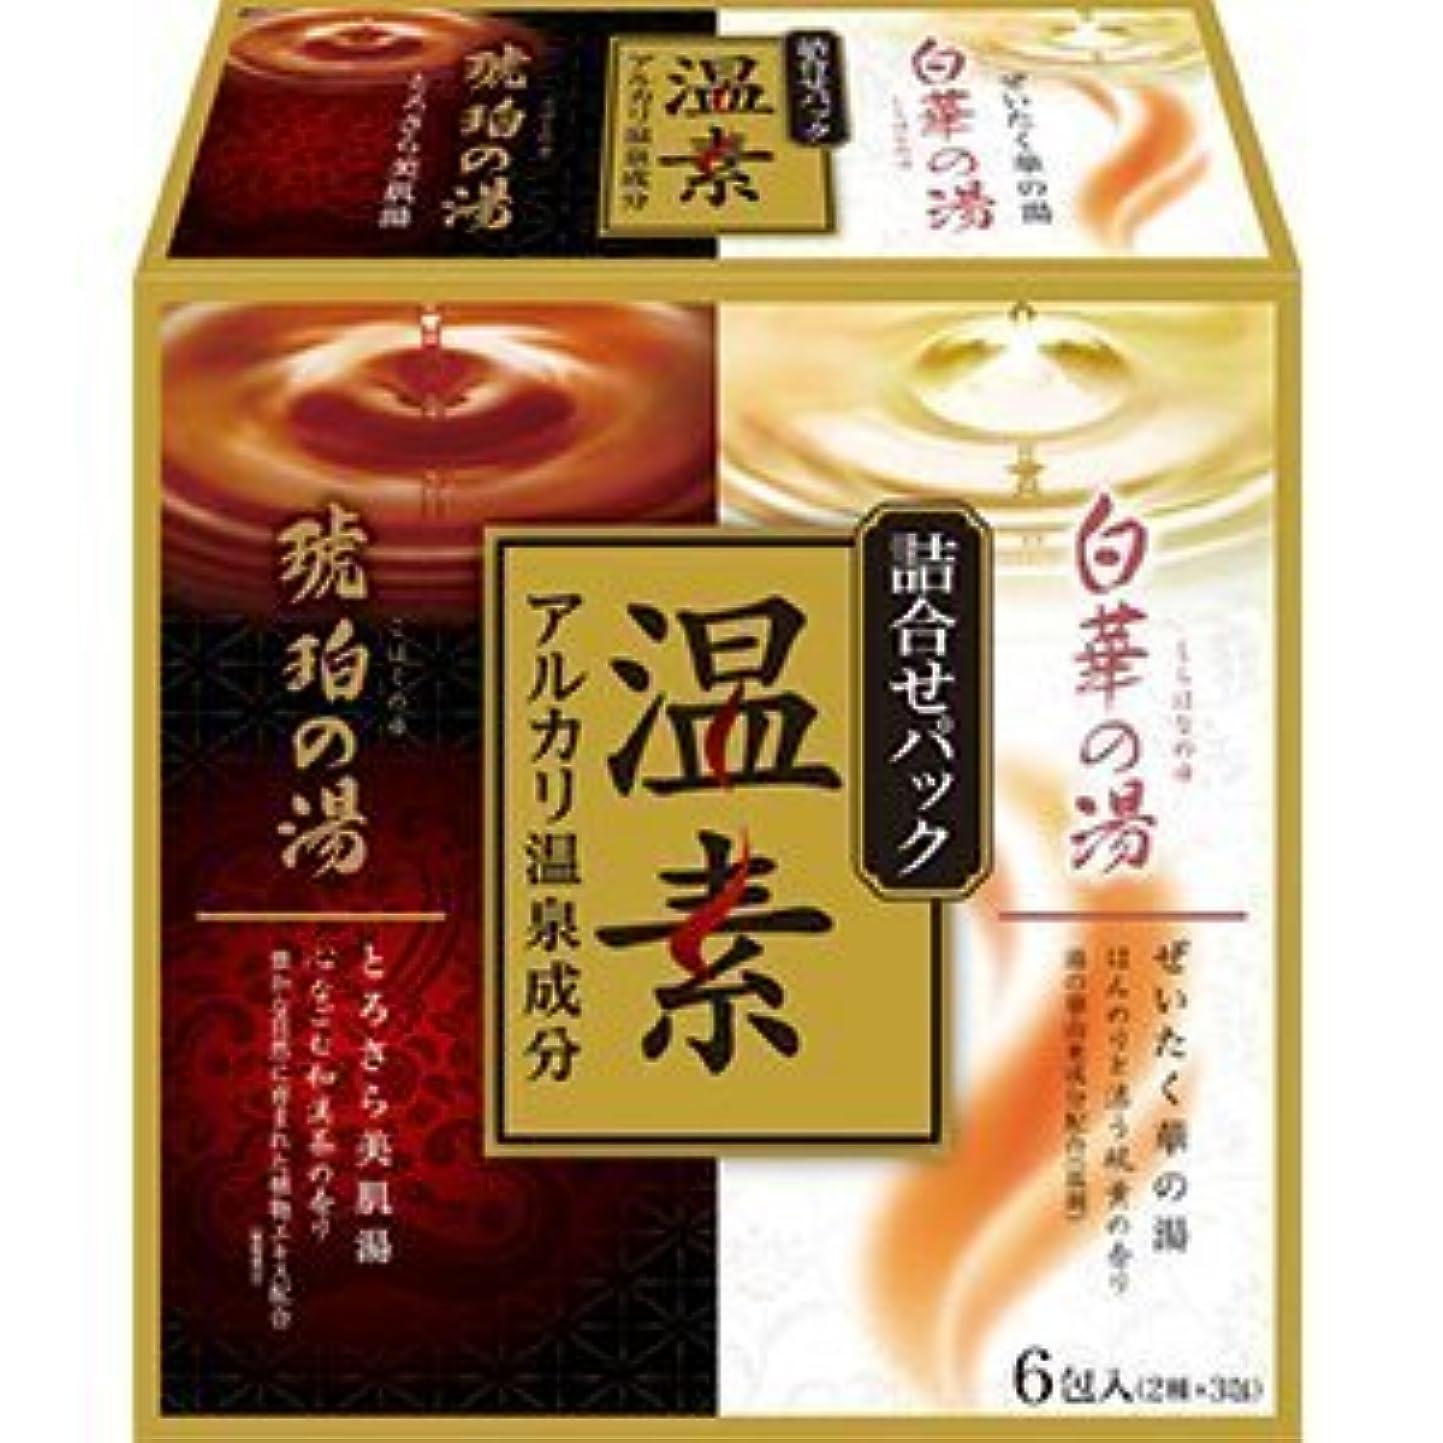 先祖たとえタイト温素 琥珀の湯&白華の湯 詰合せパック × 5個セット